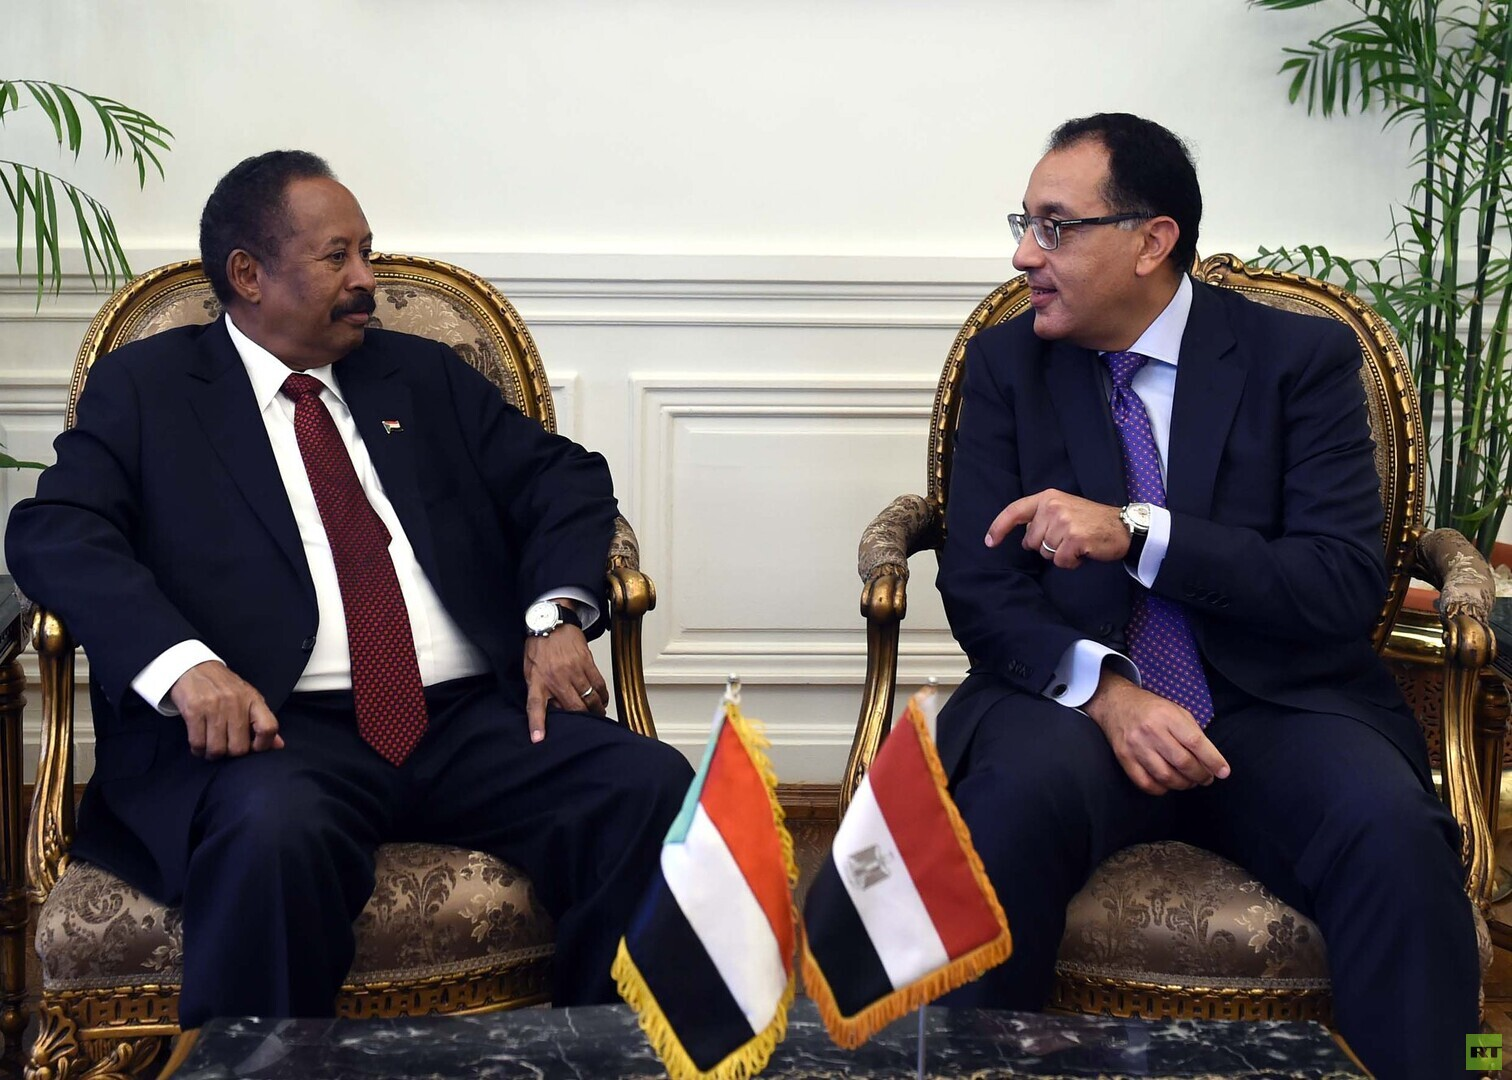 رئيسا وزراء مصر والسودان